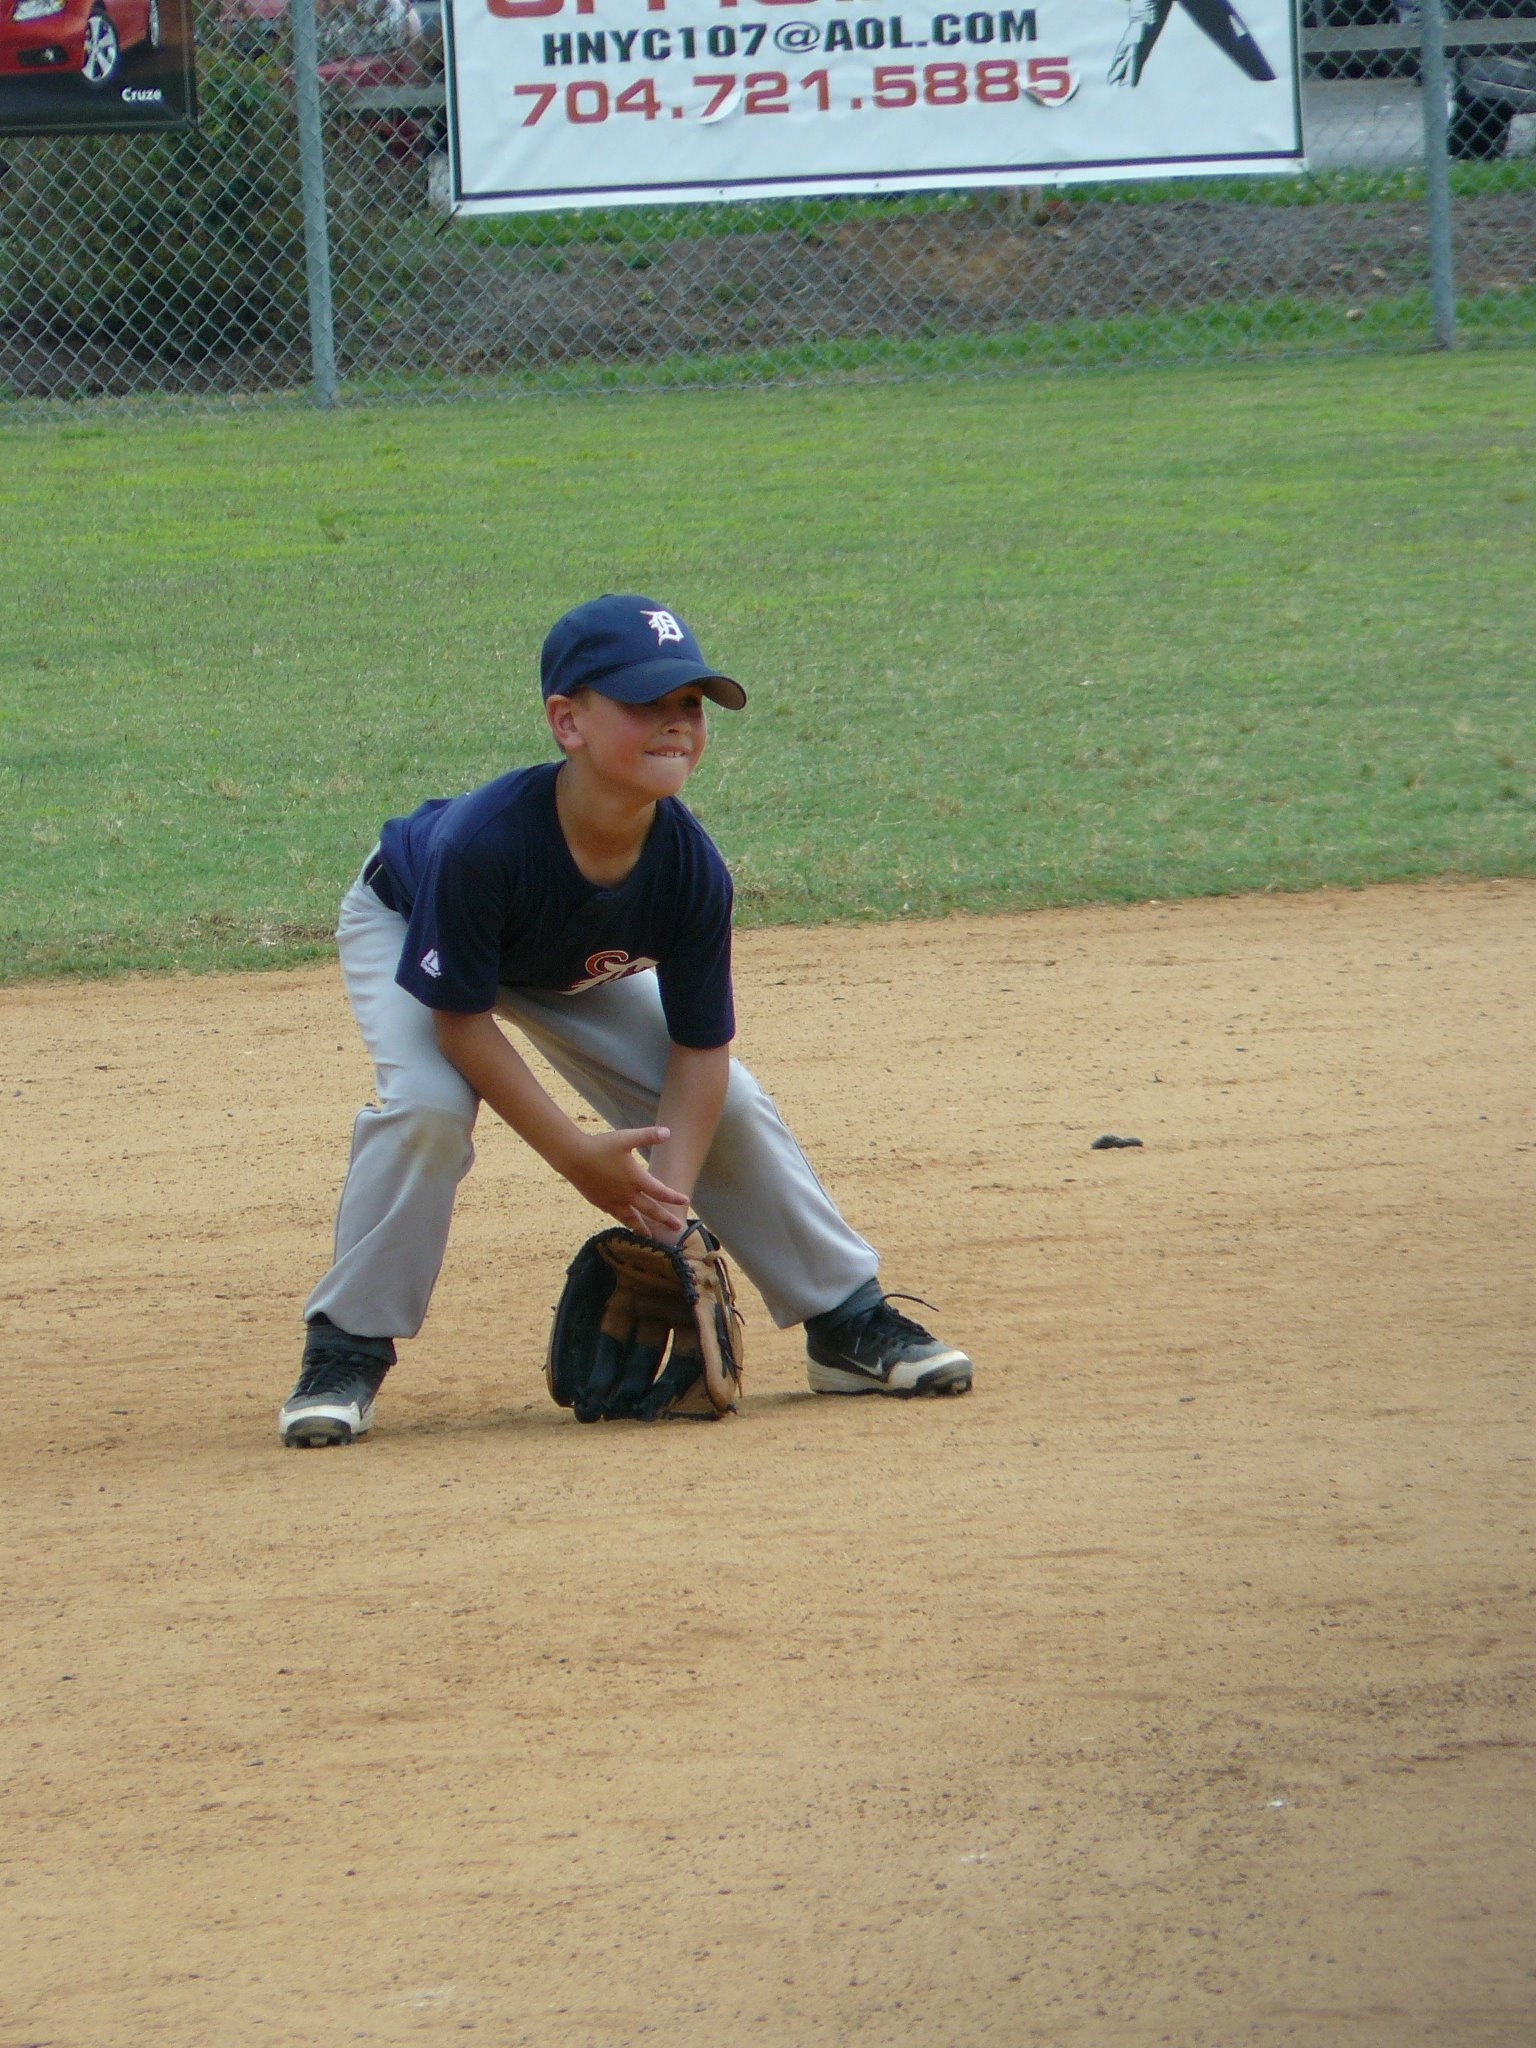 E baseball2 2013.jpeg